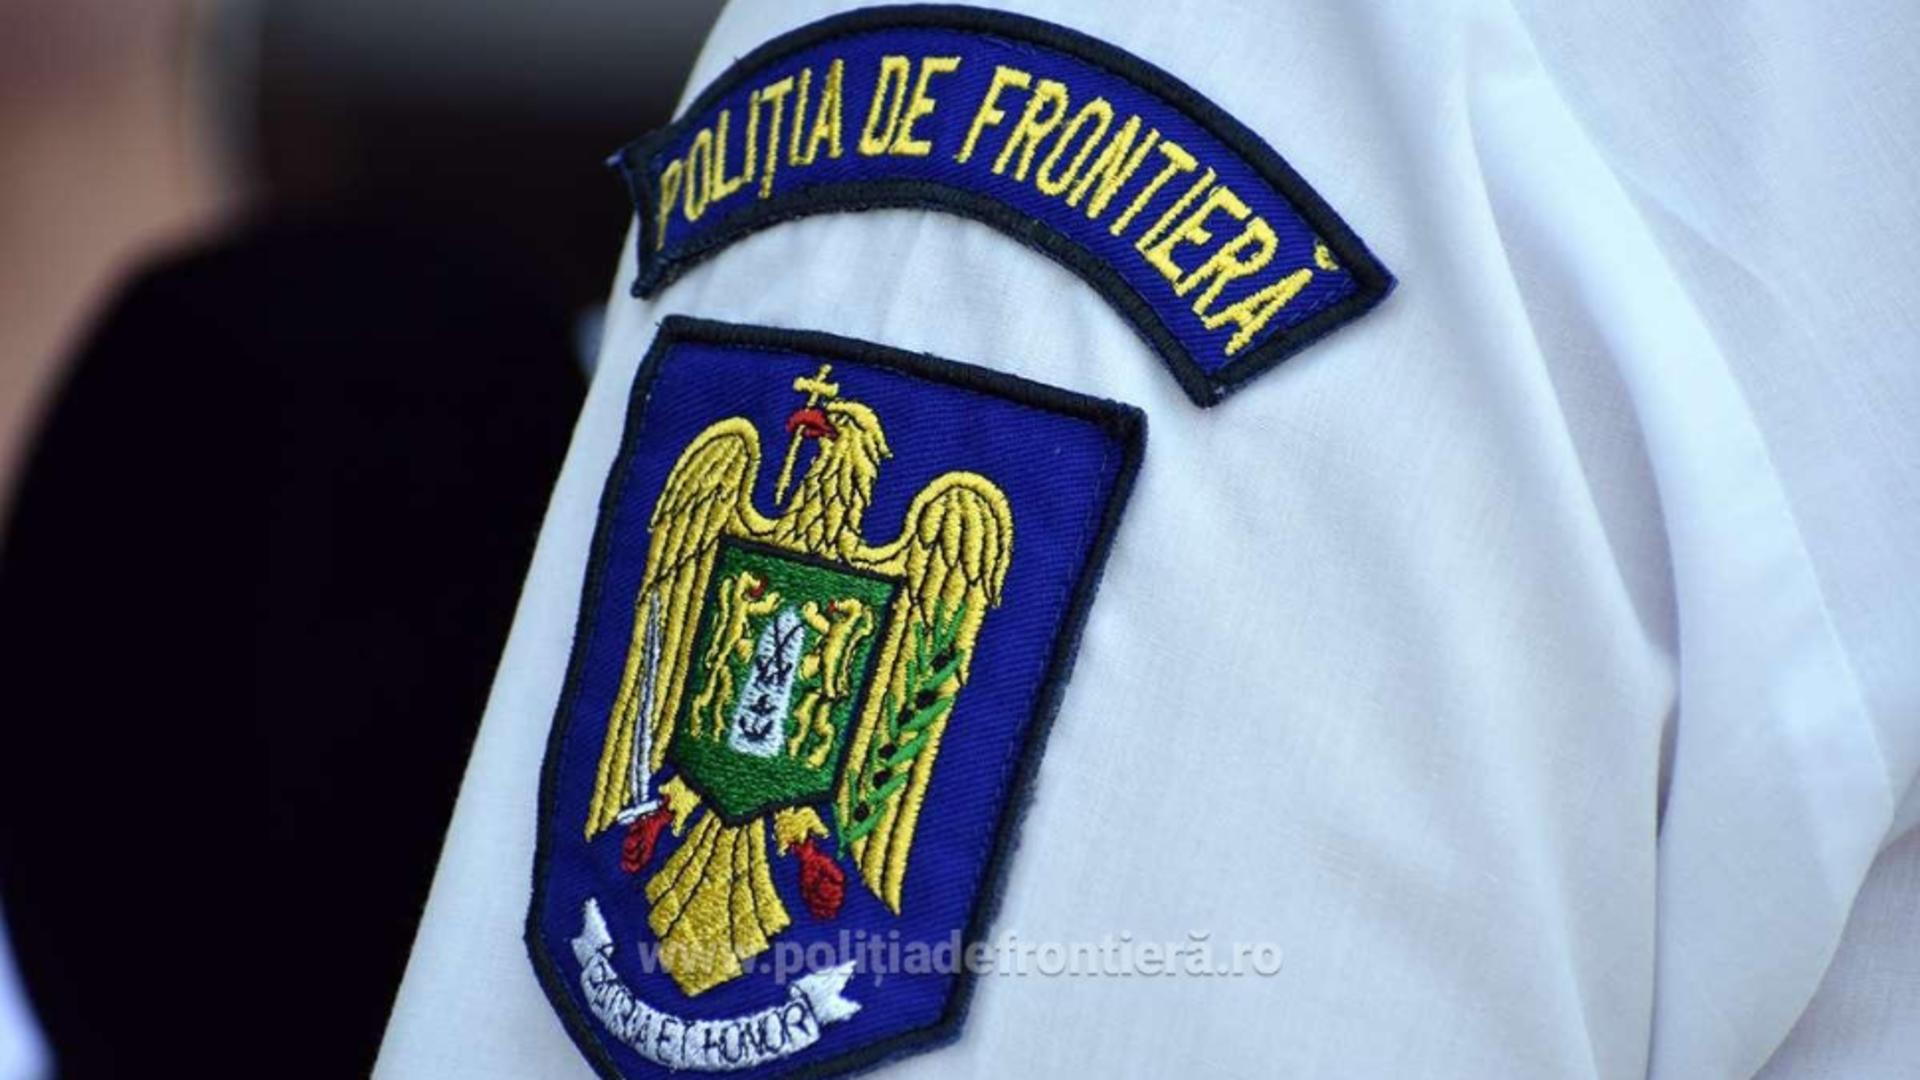 Sursa foto: Poliția de Frontieră Română